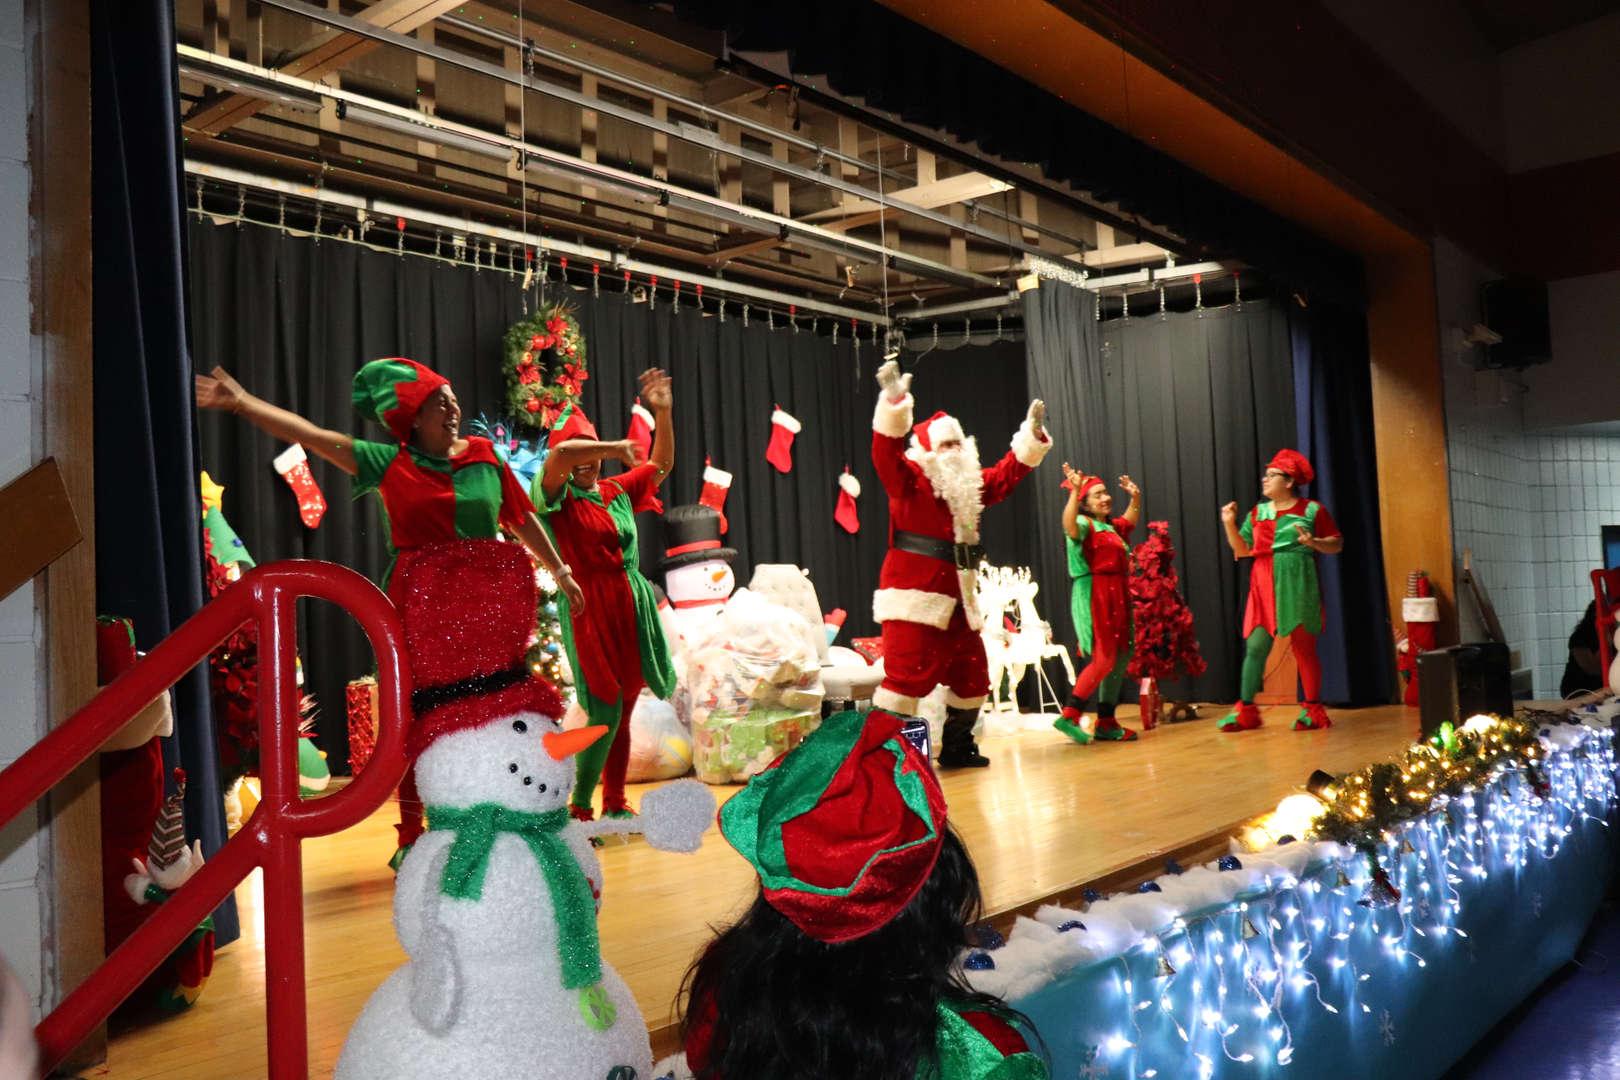 Santa Claus making an appearance at PS 152.